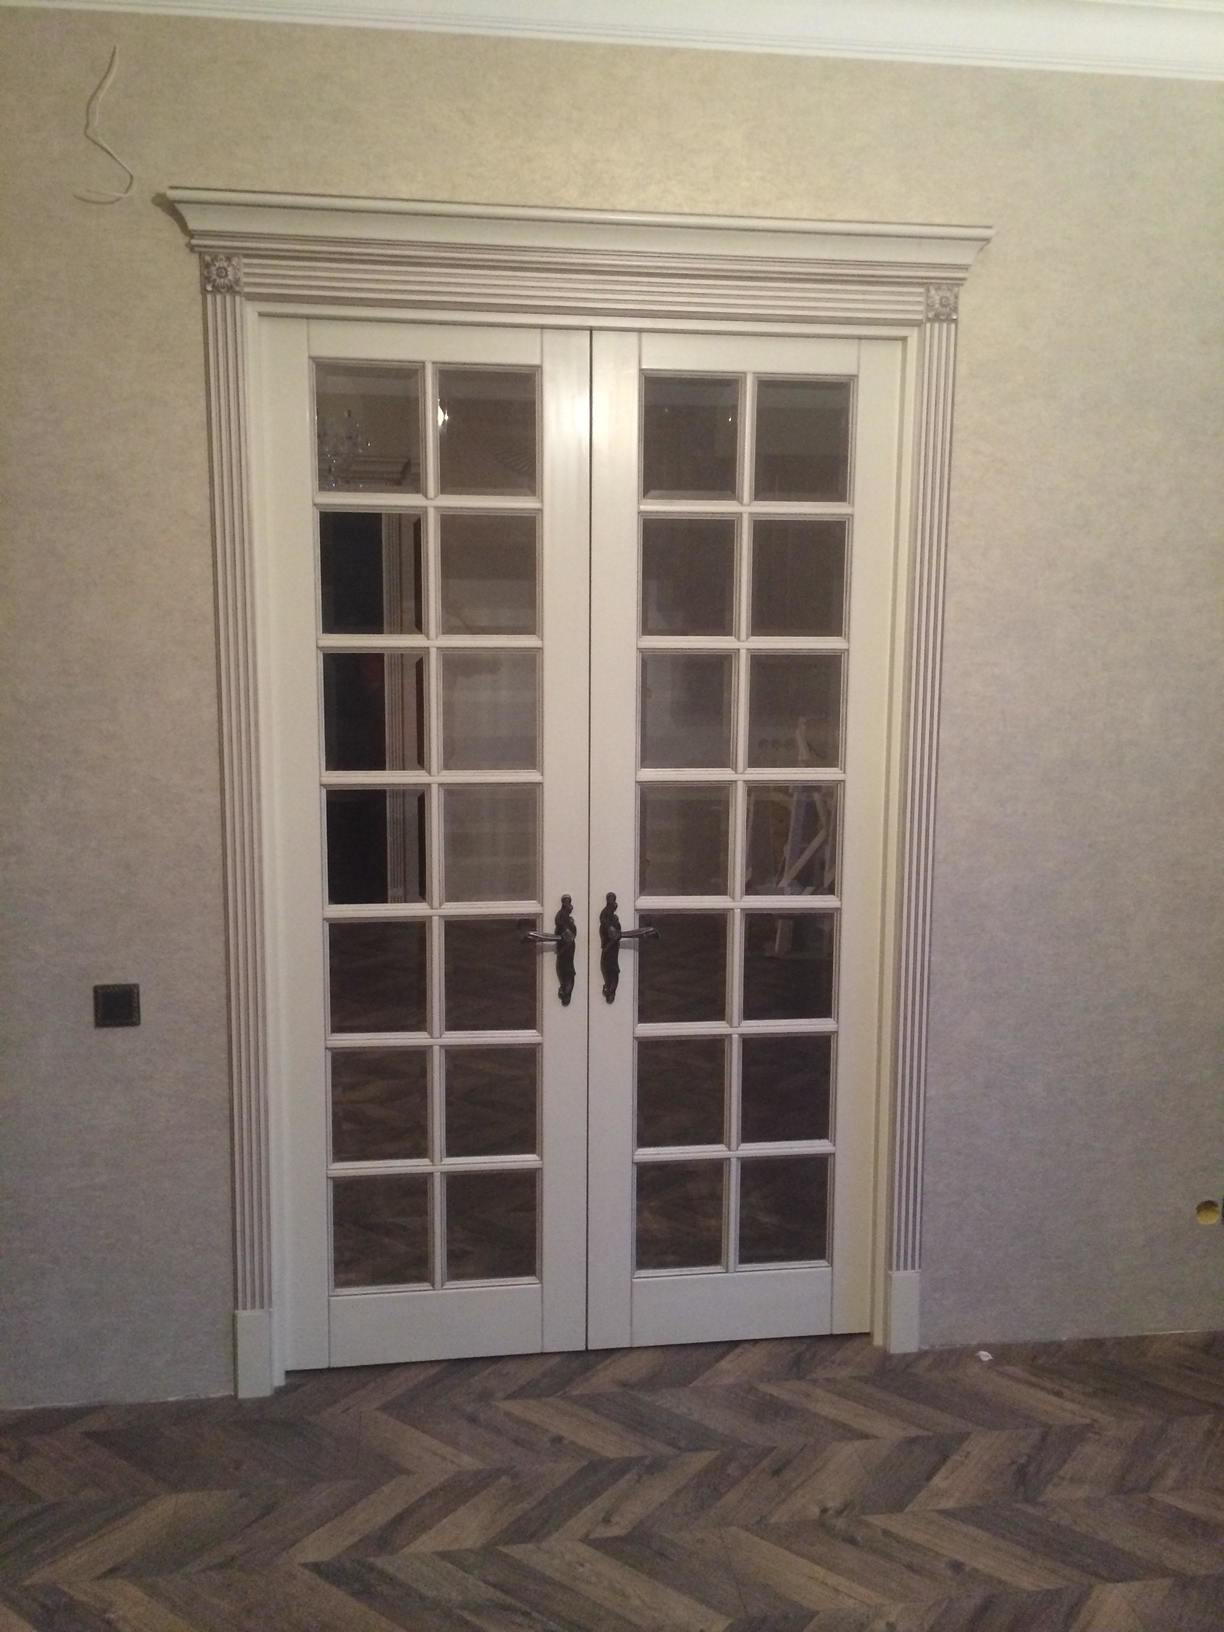 Межкомнатные двери английская решетка на Малой посадской | Барлетто